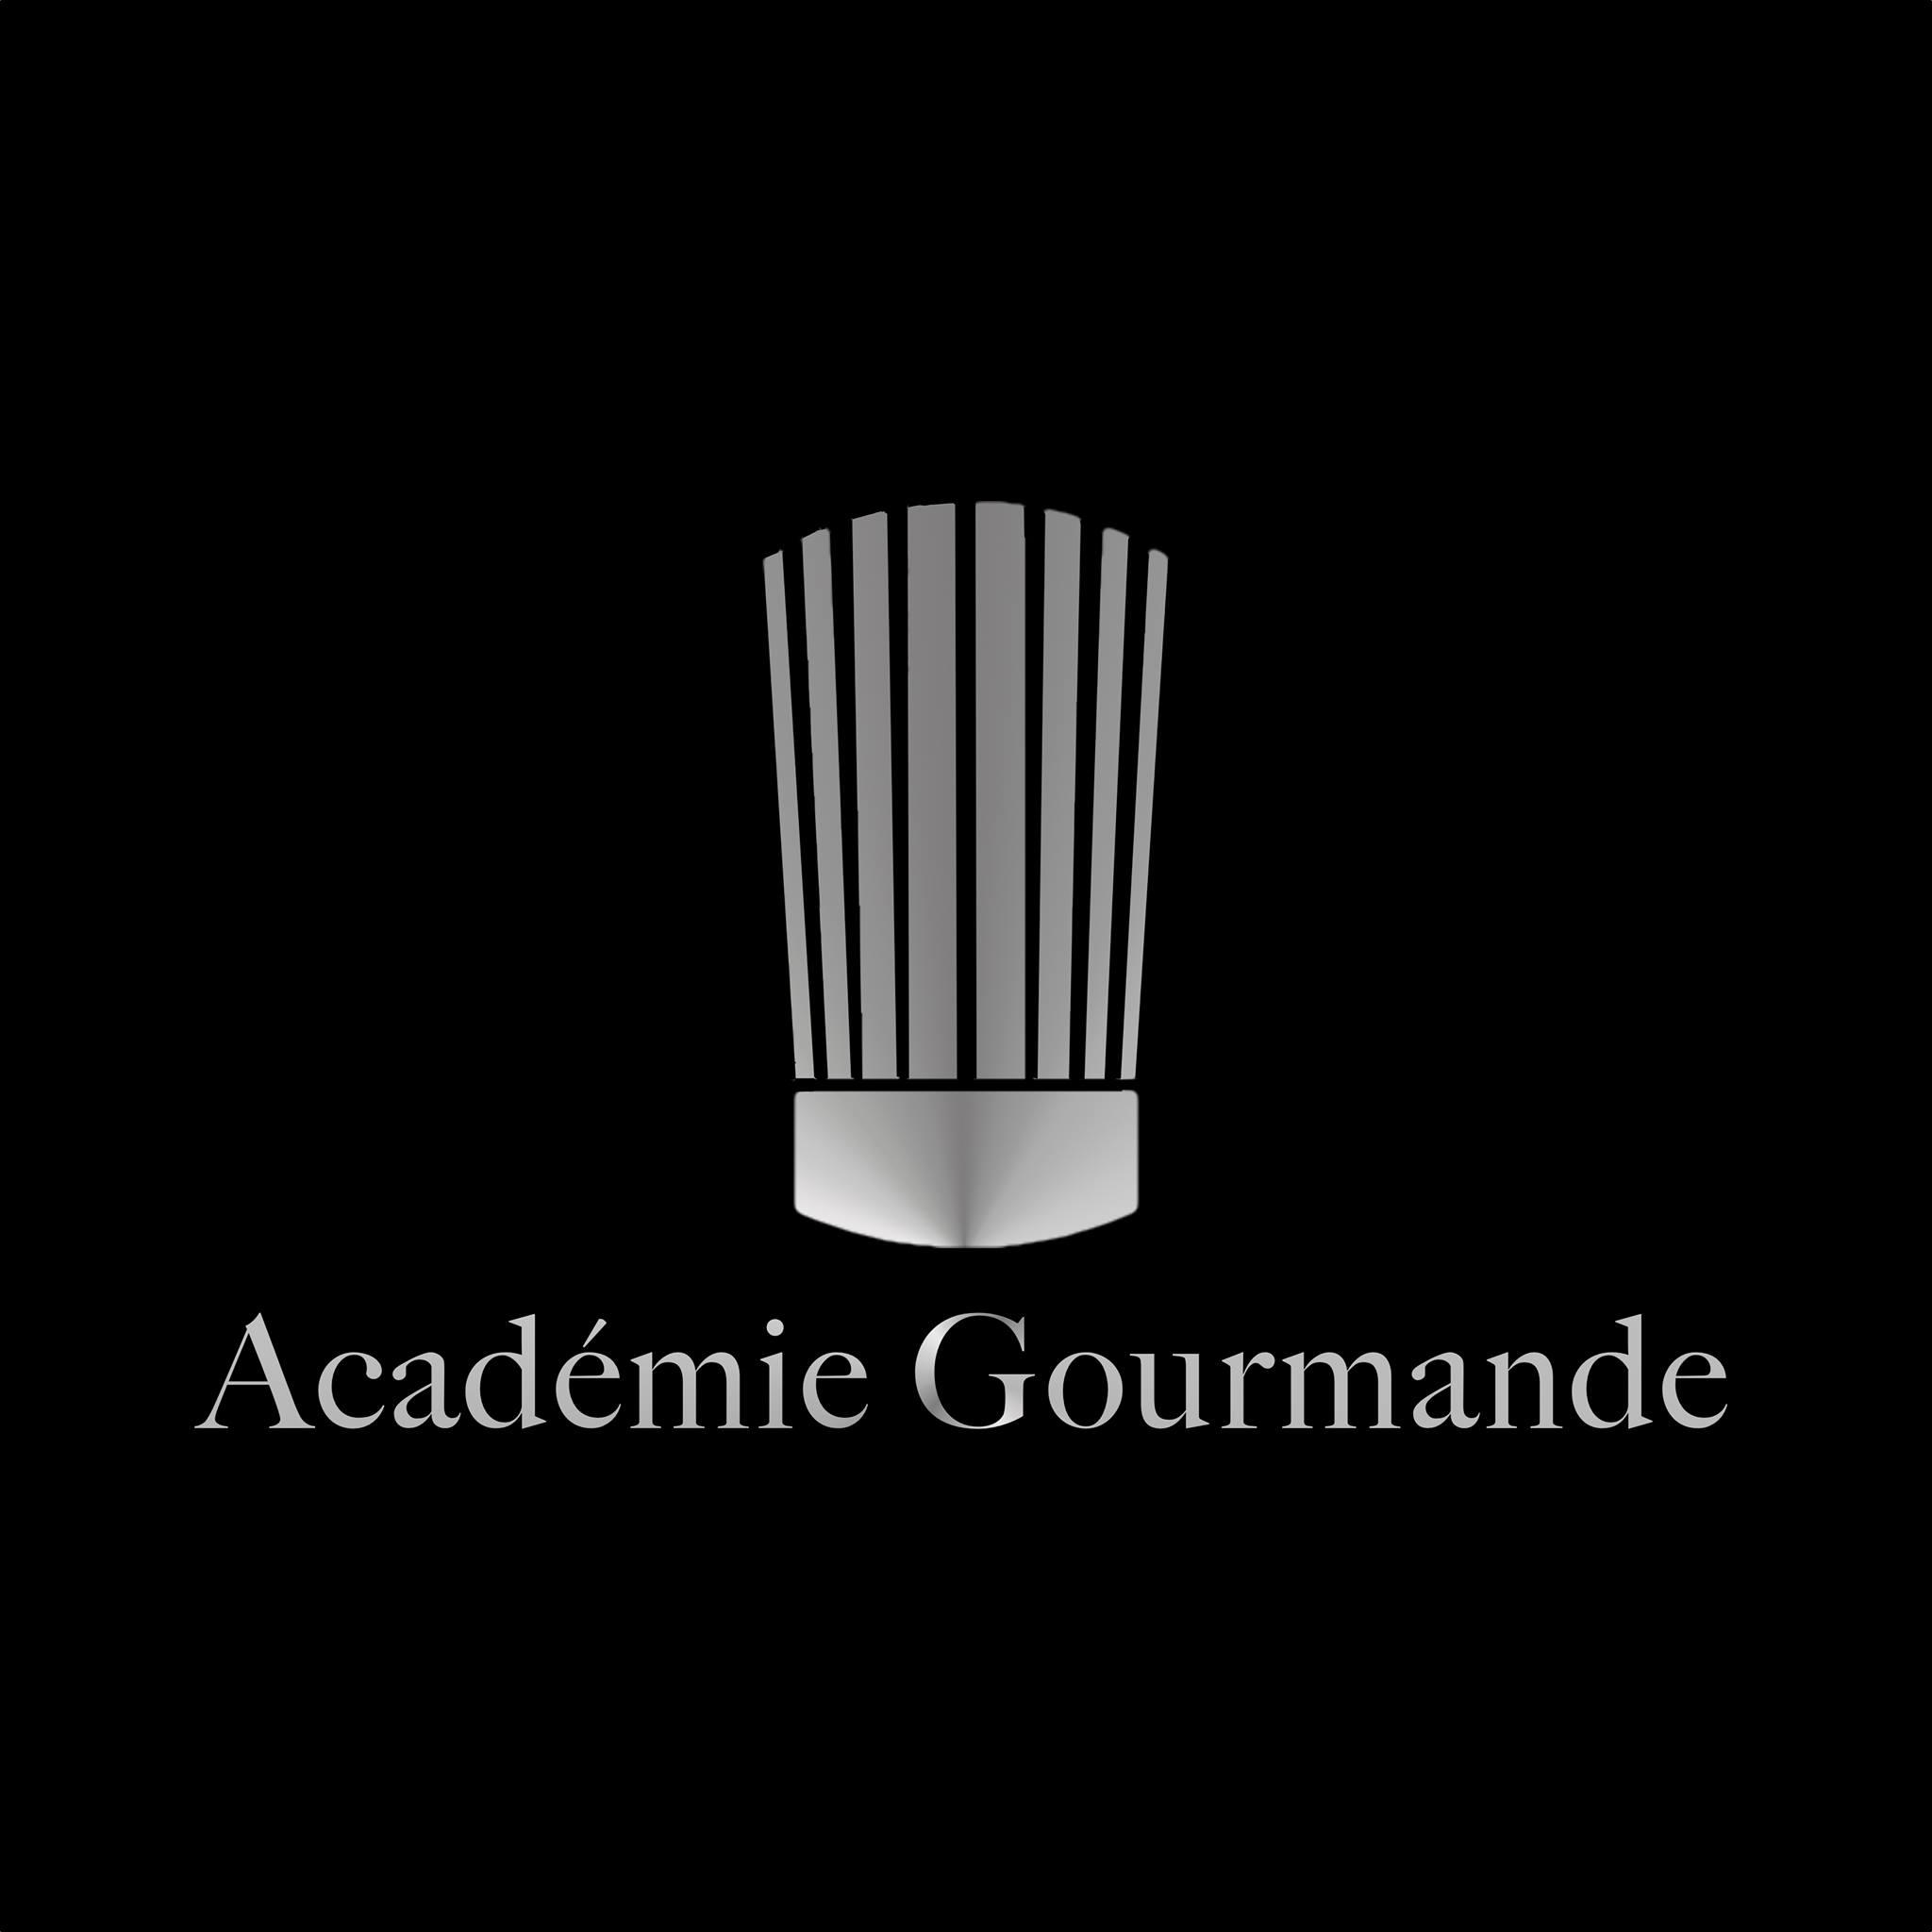 Académie Gourmande